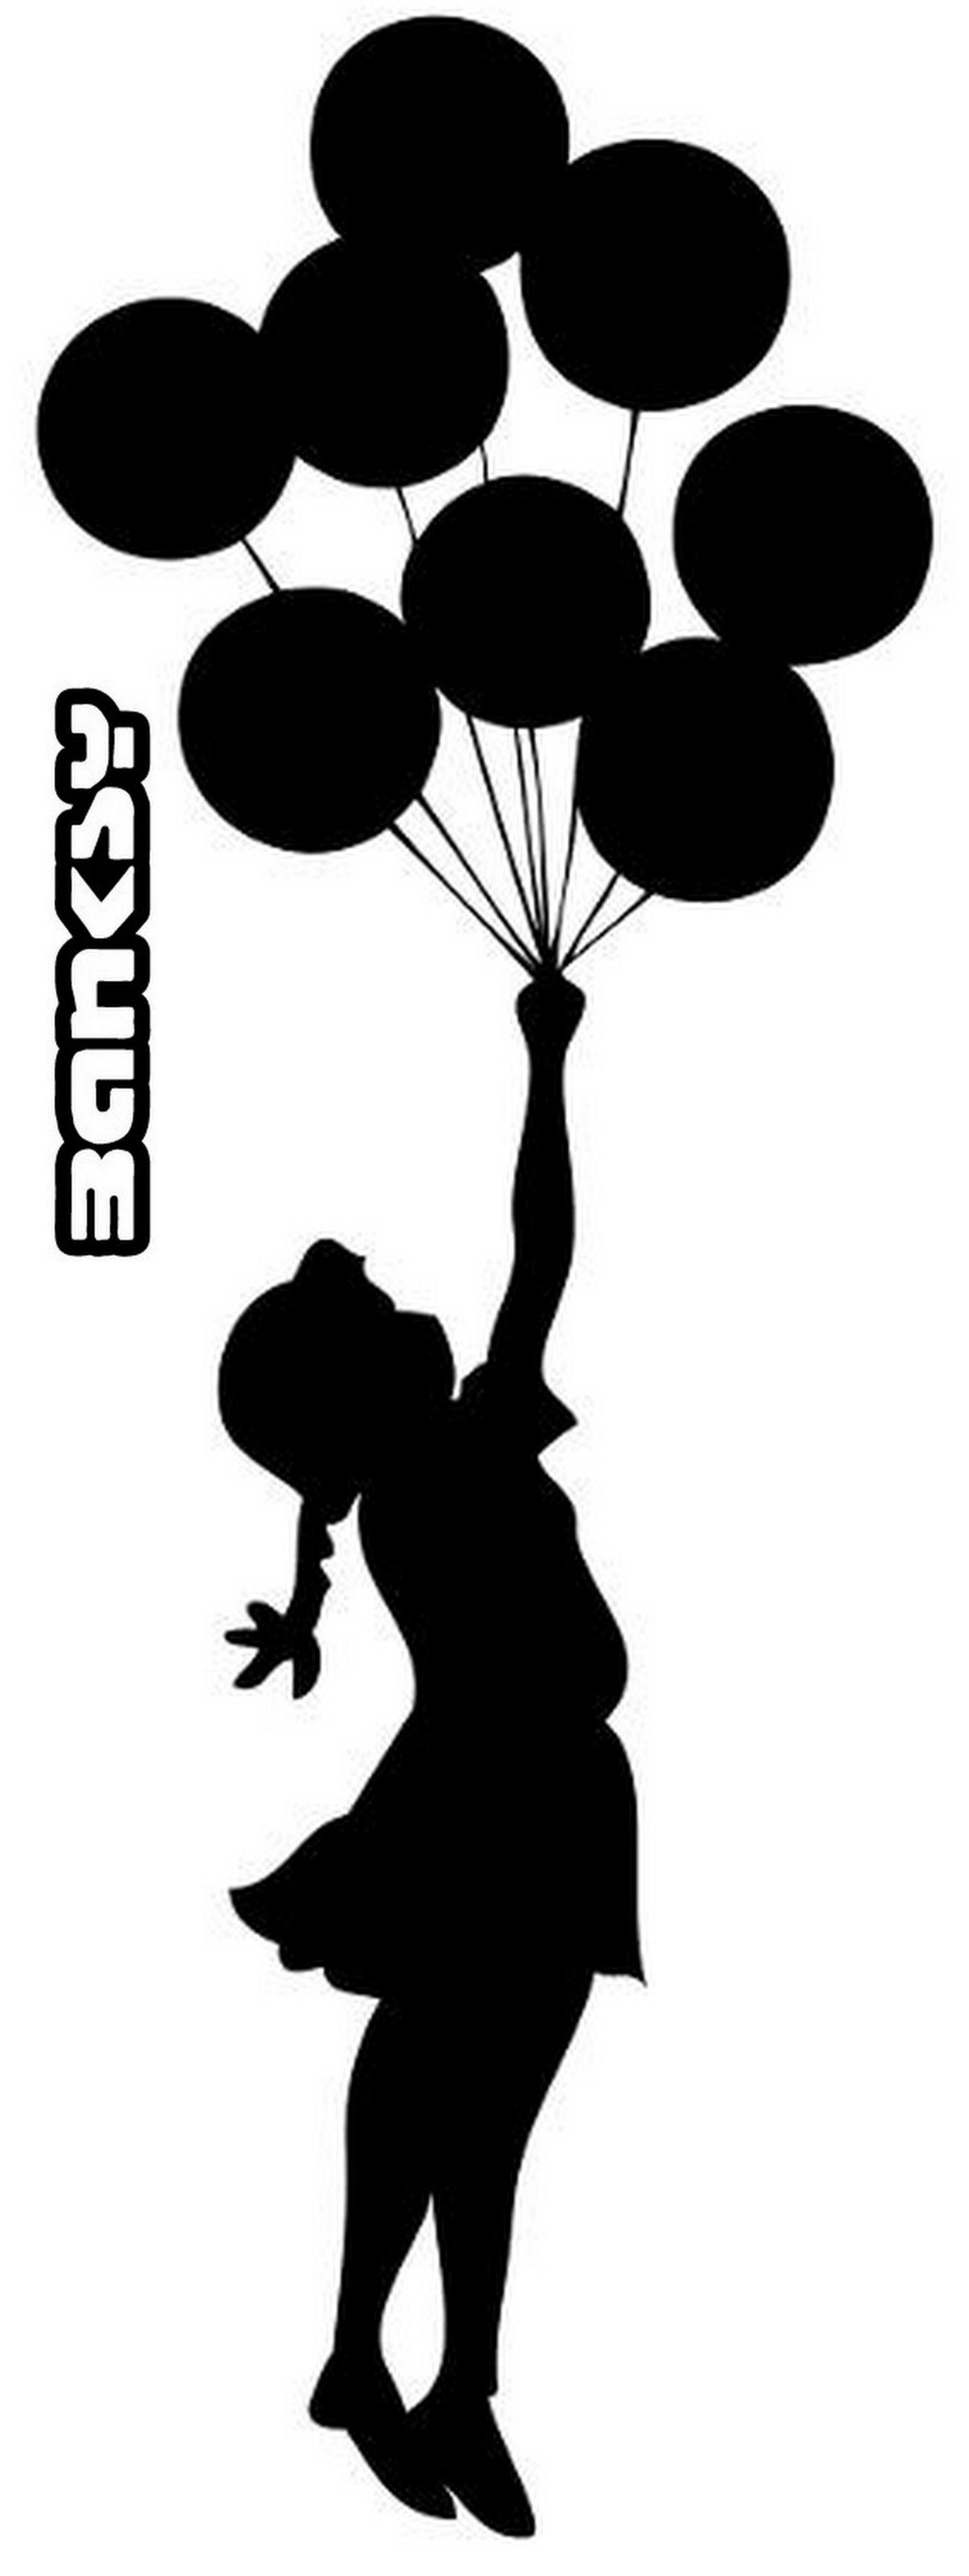 Portrait De Silhouette, Pochoir, Ballon